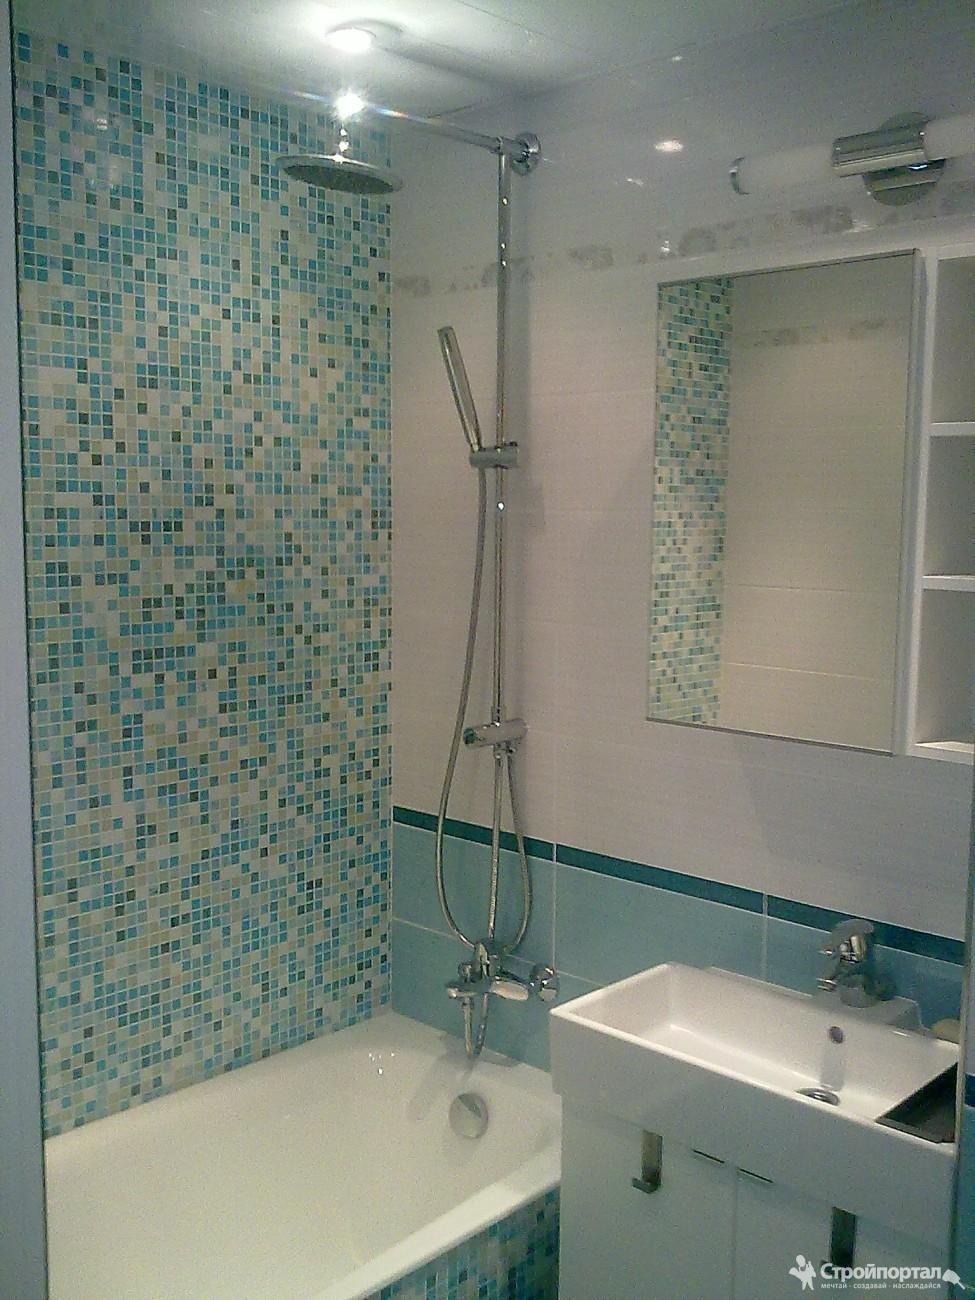 Ремонт ванной комнаты видео допускаете